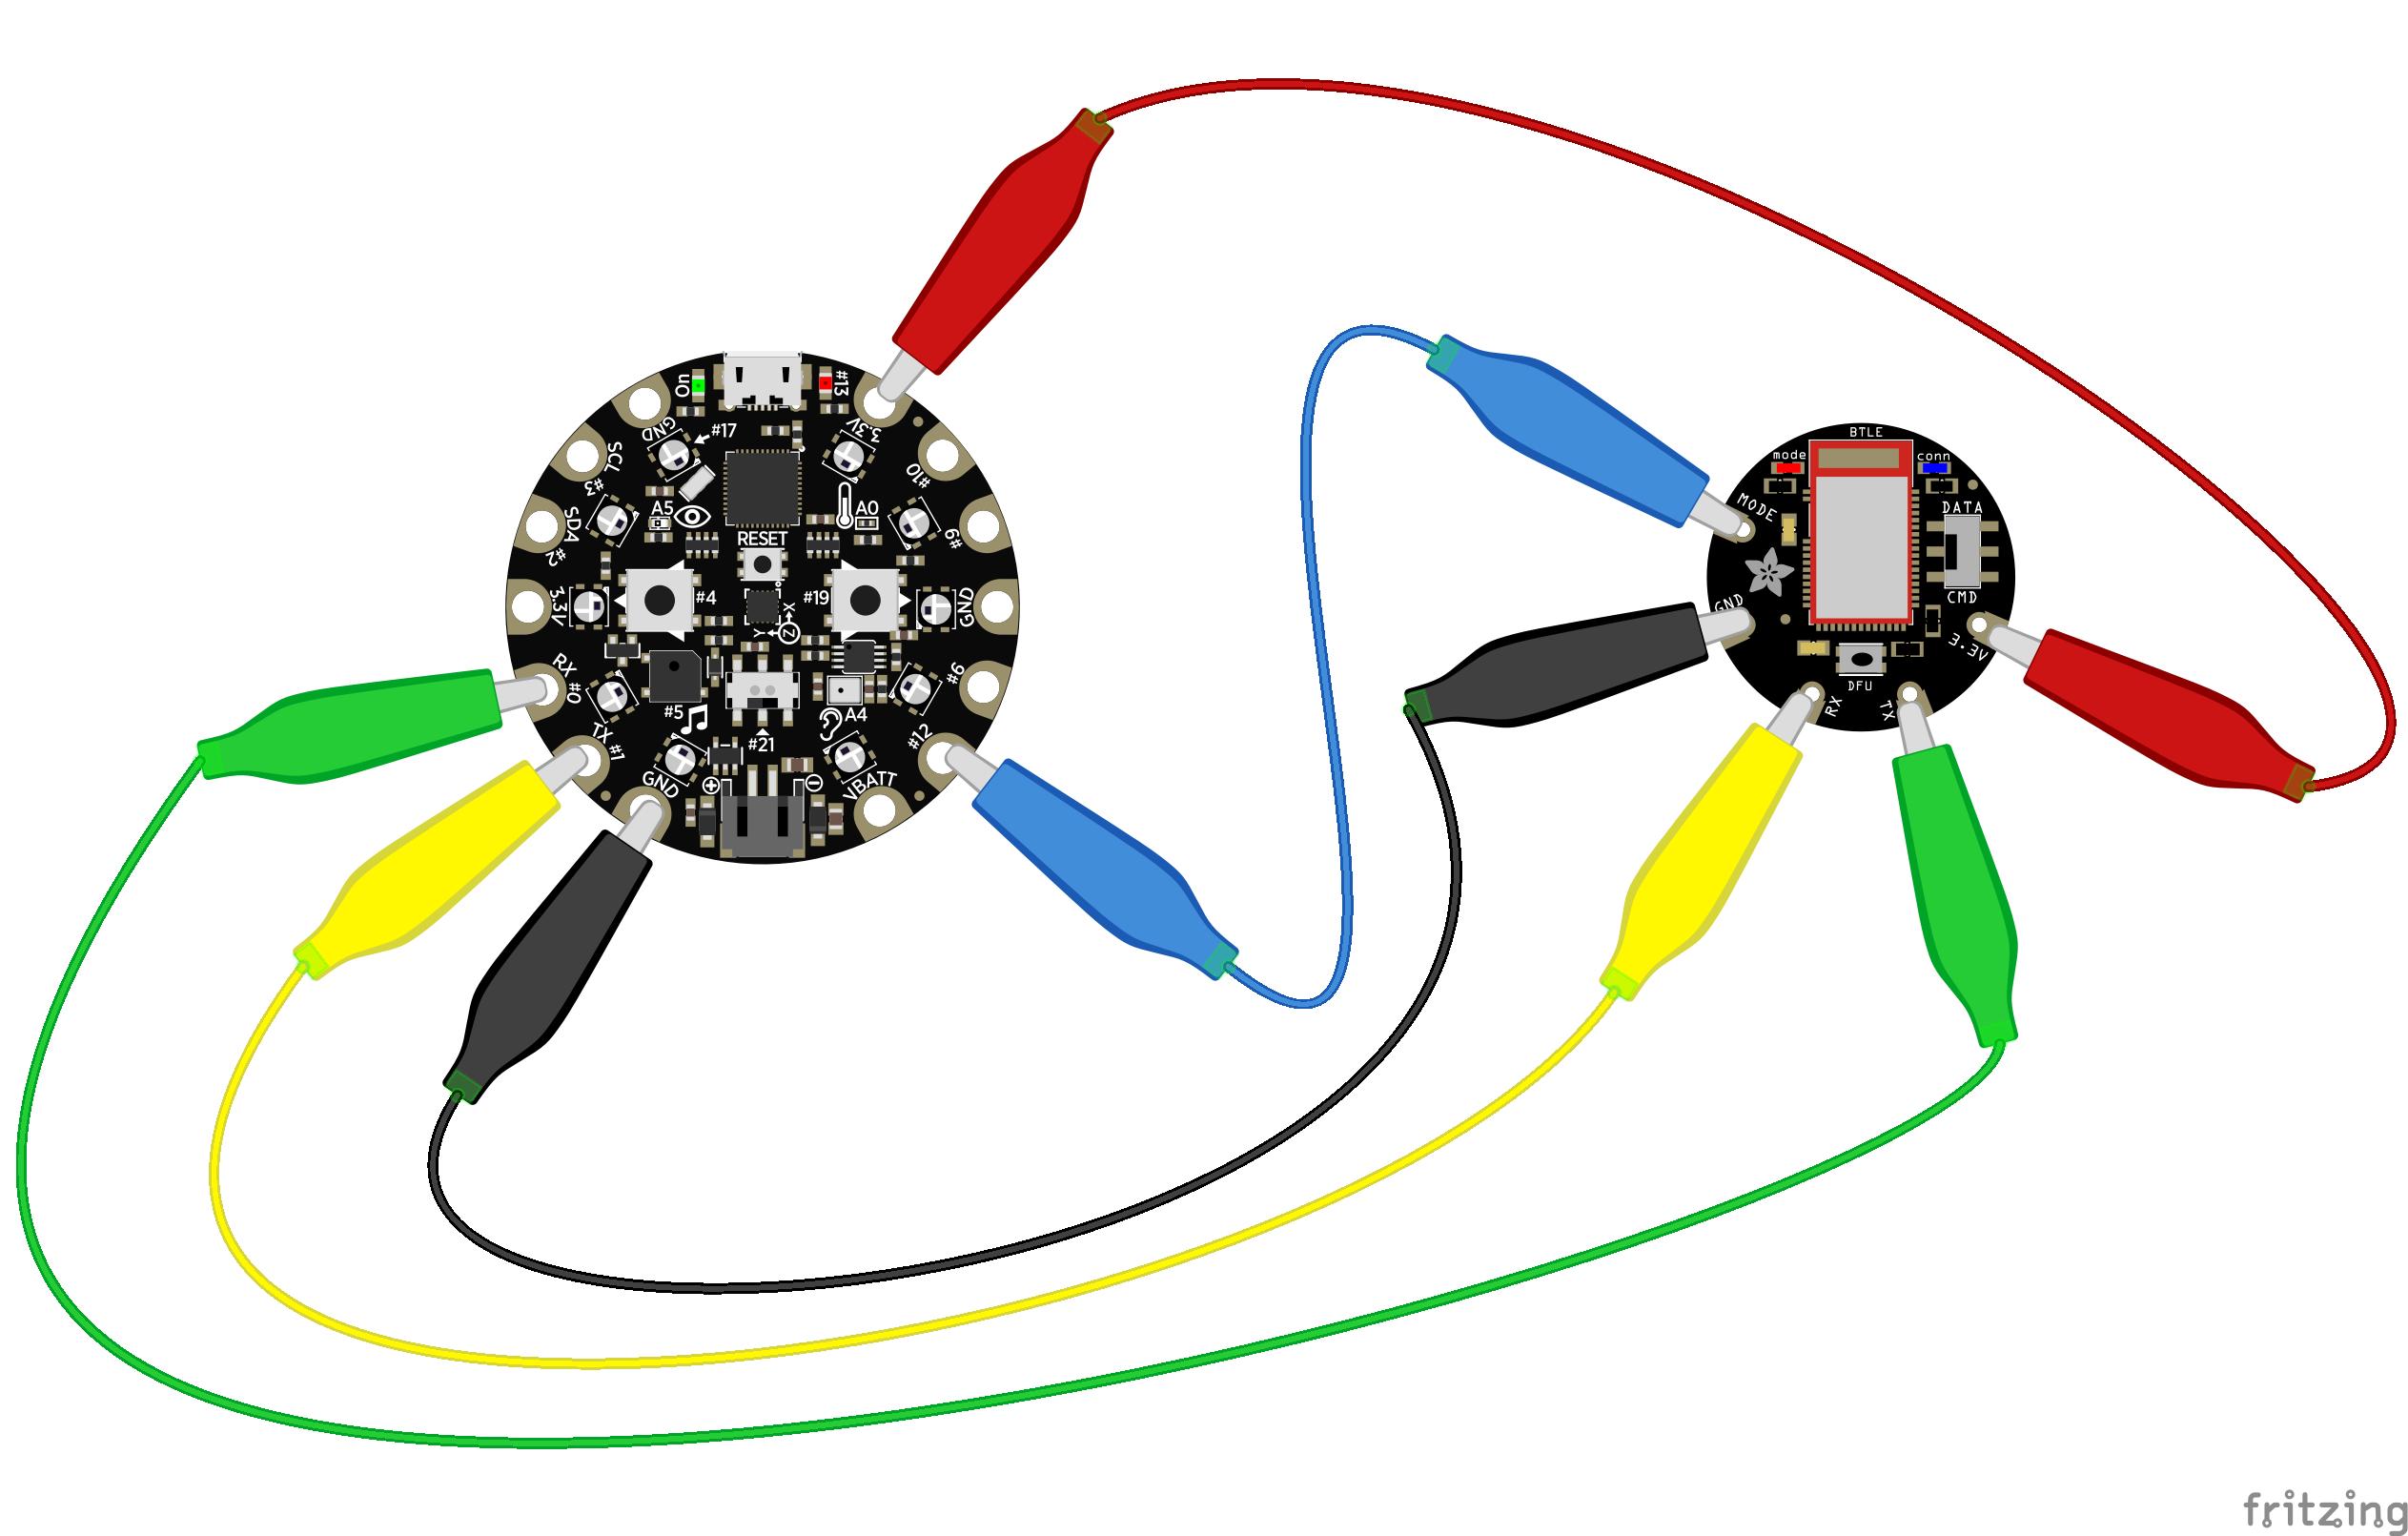 circuit_playground_Wiring_Diagram_bb.png